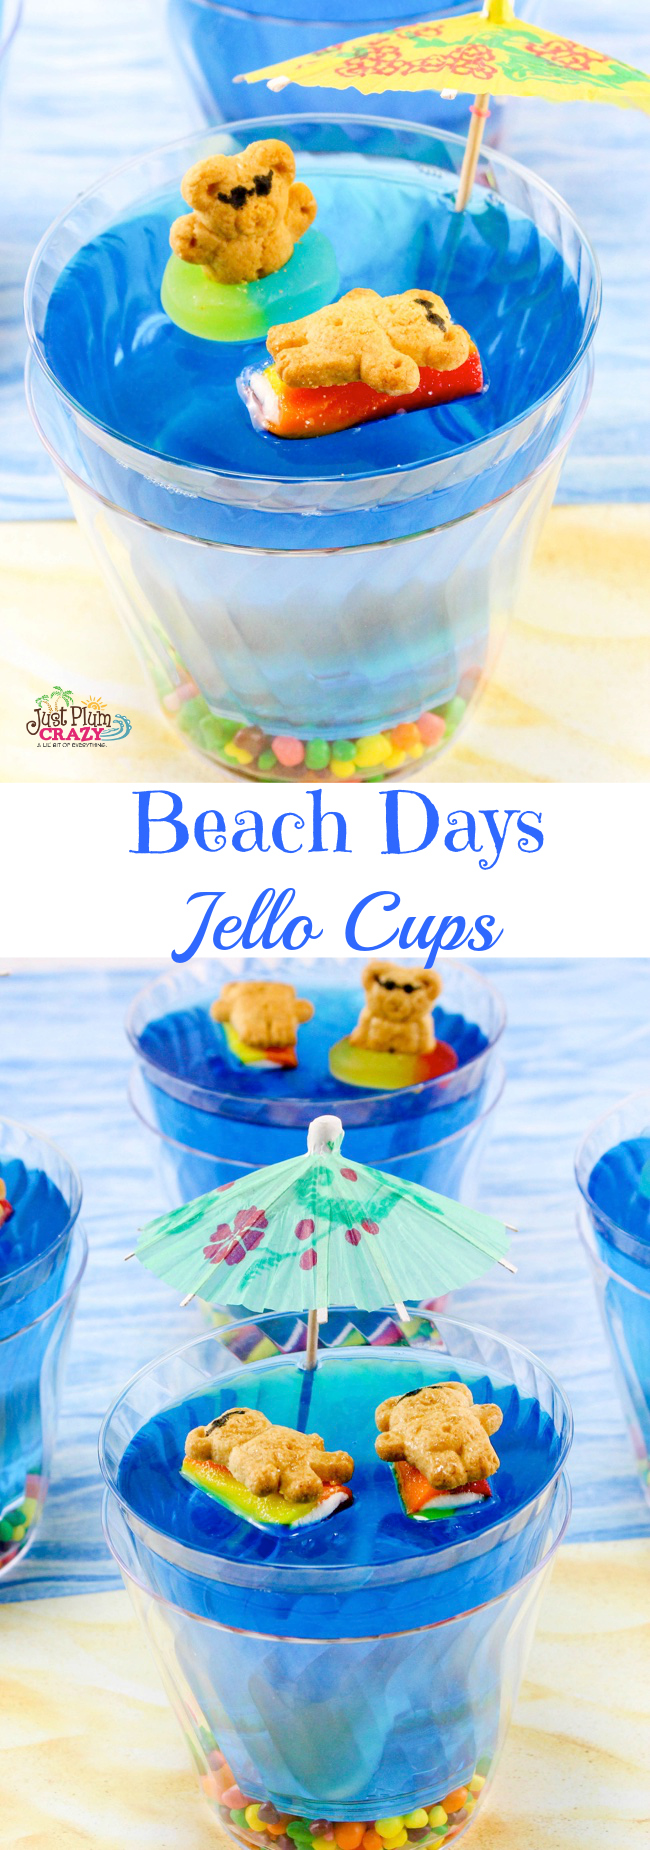 Beach Themed Jello Cup Recipe